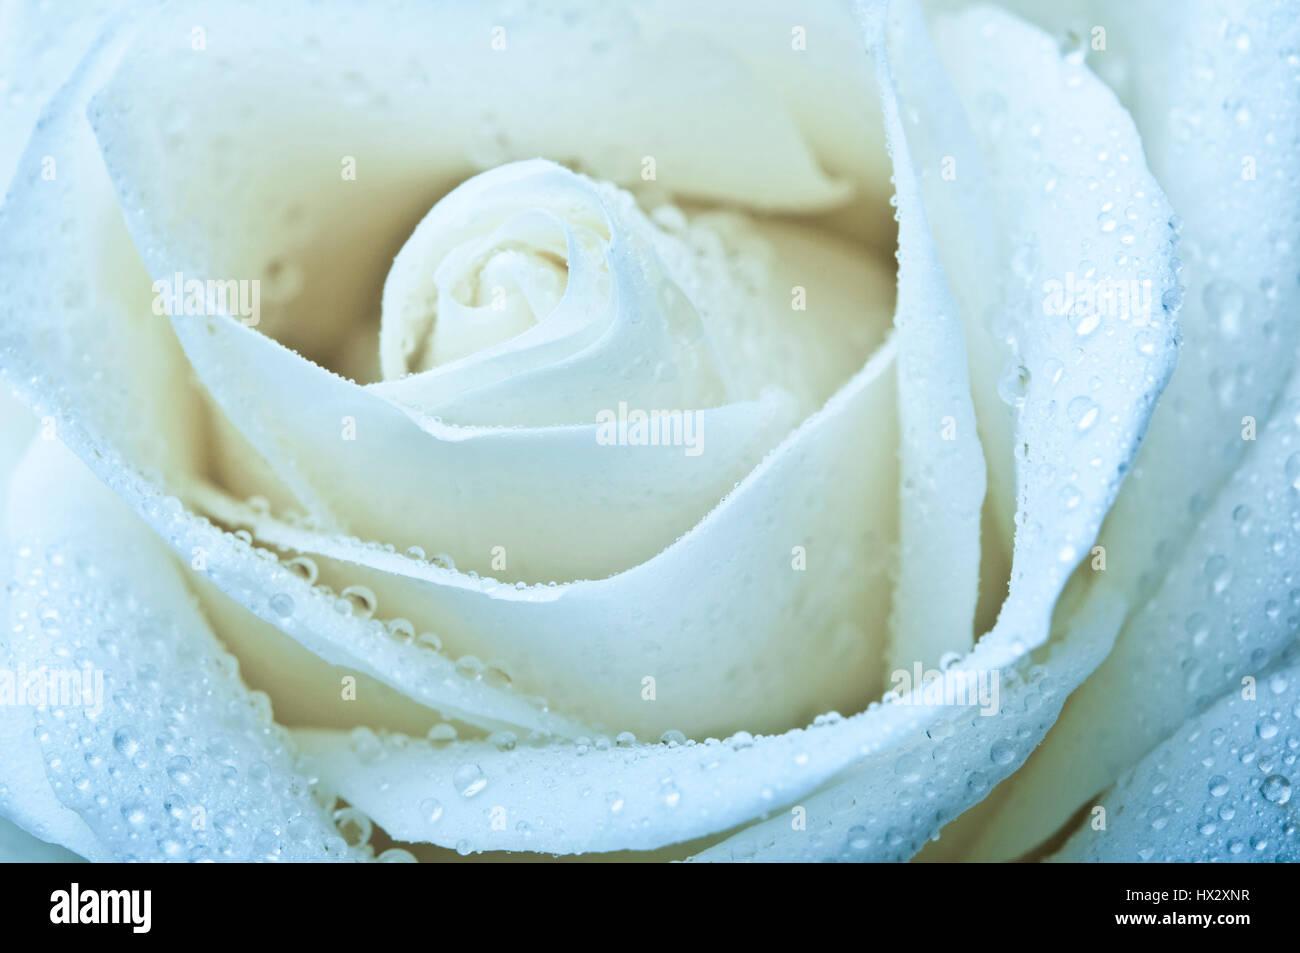 Rosa Bianca macro con gocce di acqua su petali Immagini Stock